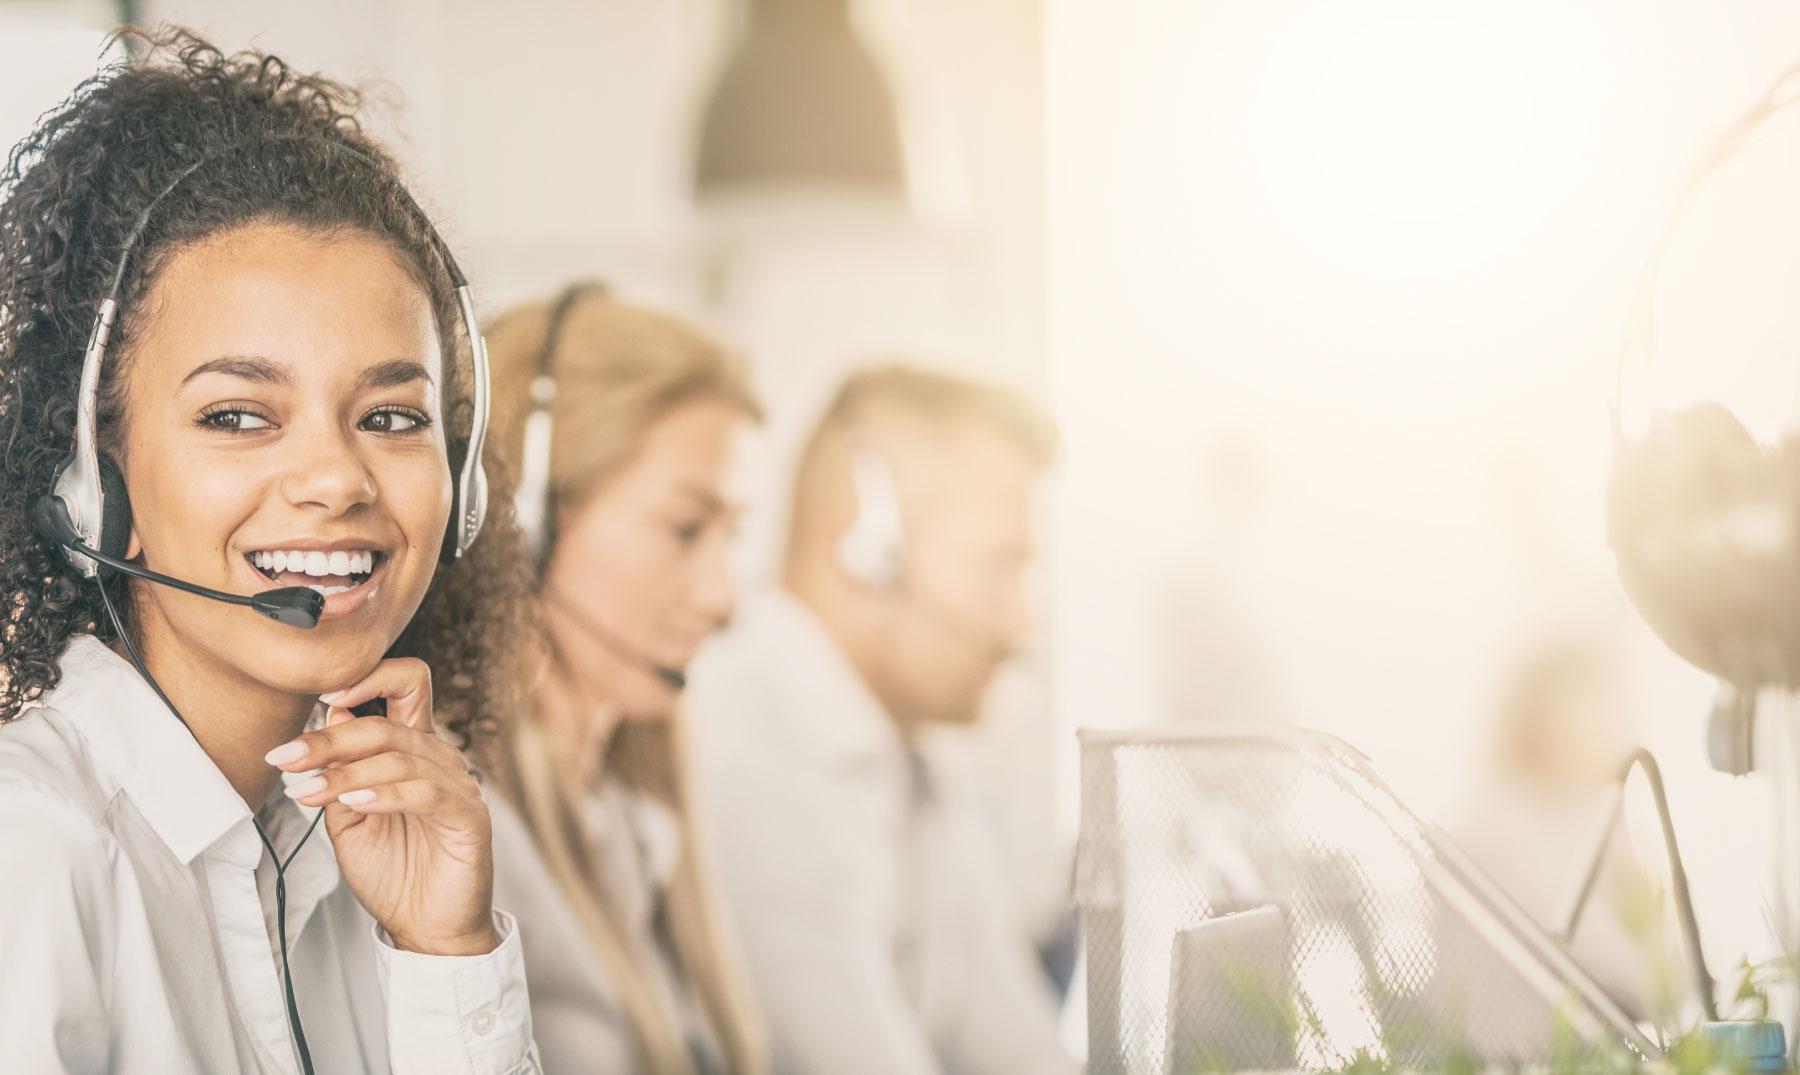 Tiempo para mejorar el servicio al cliente